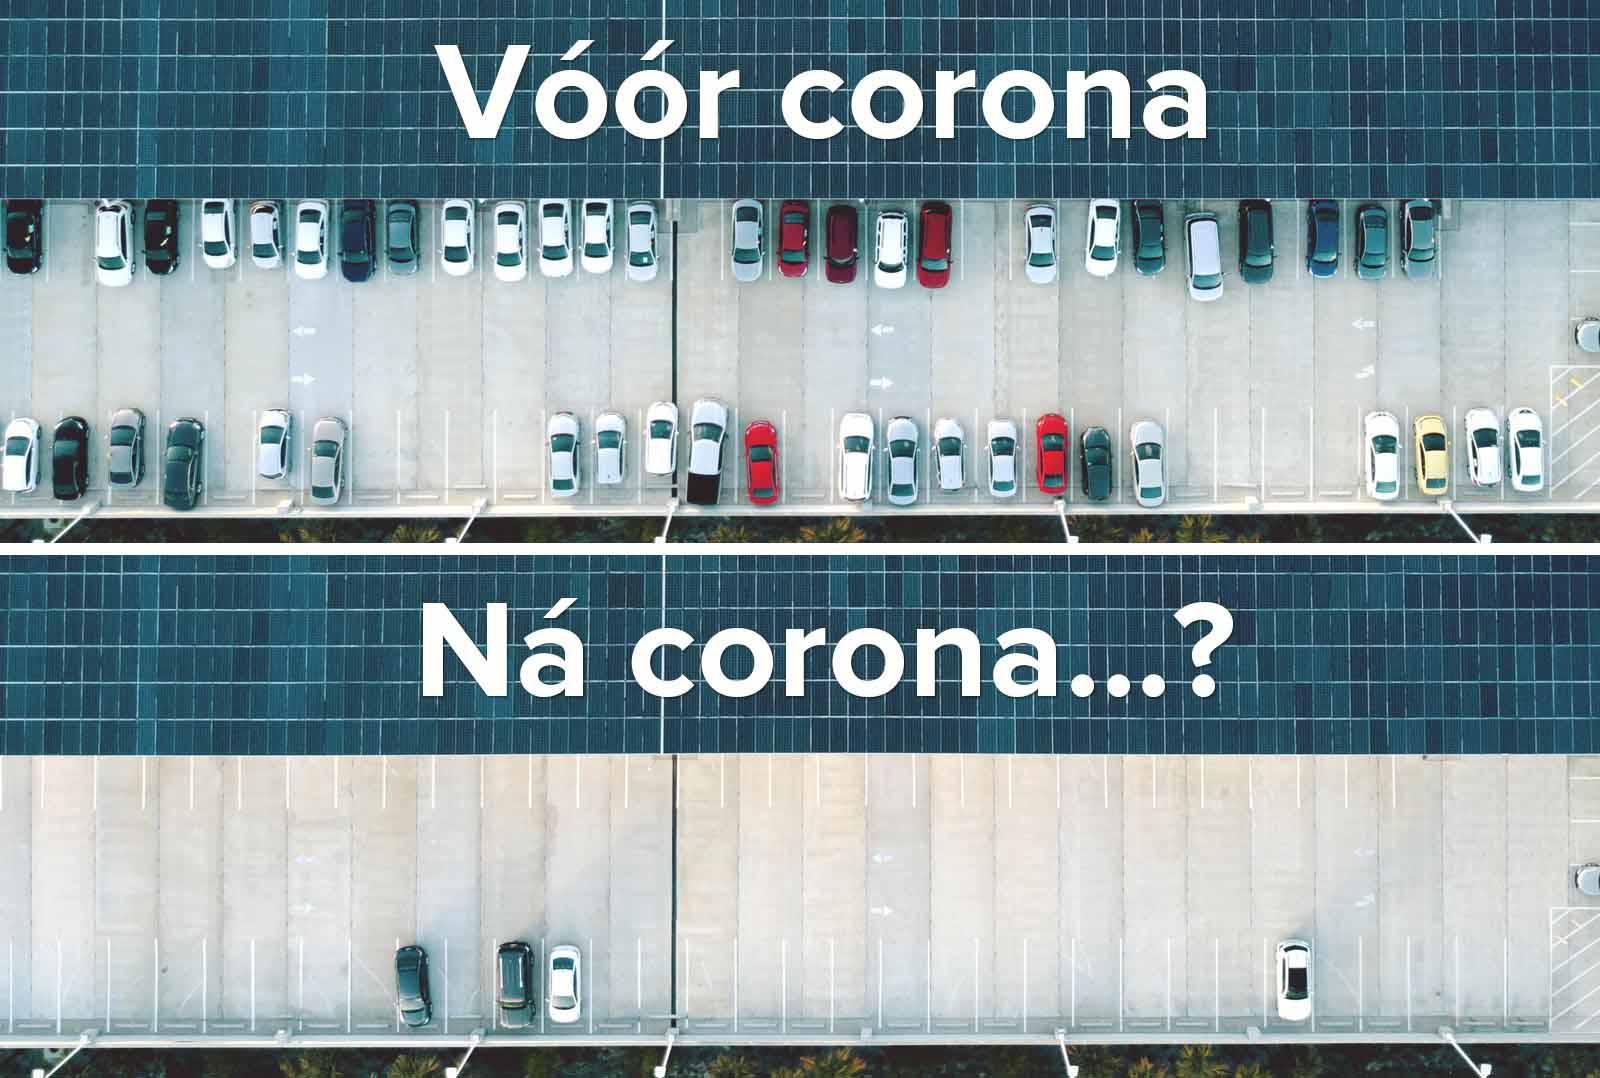 Voor corona, na corona